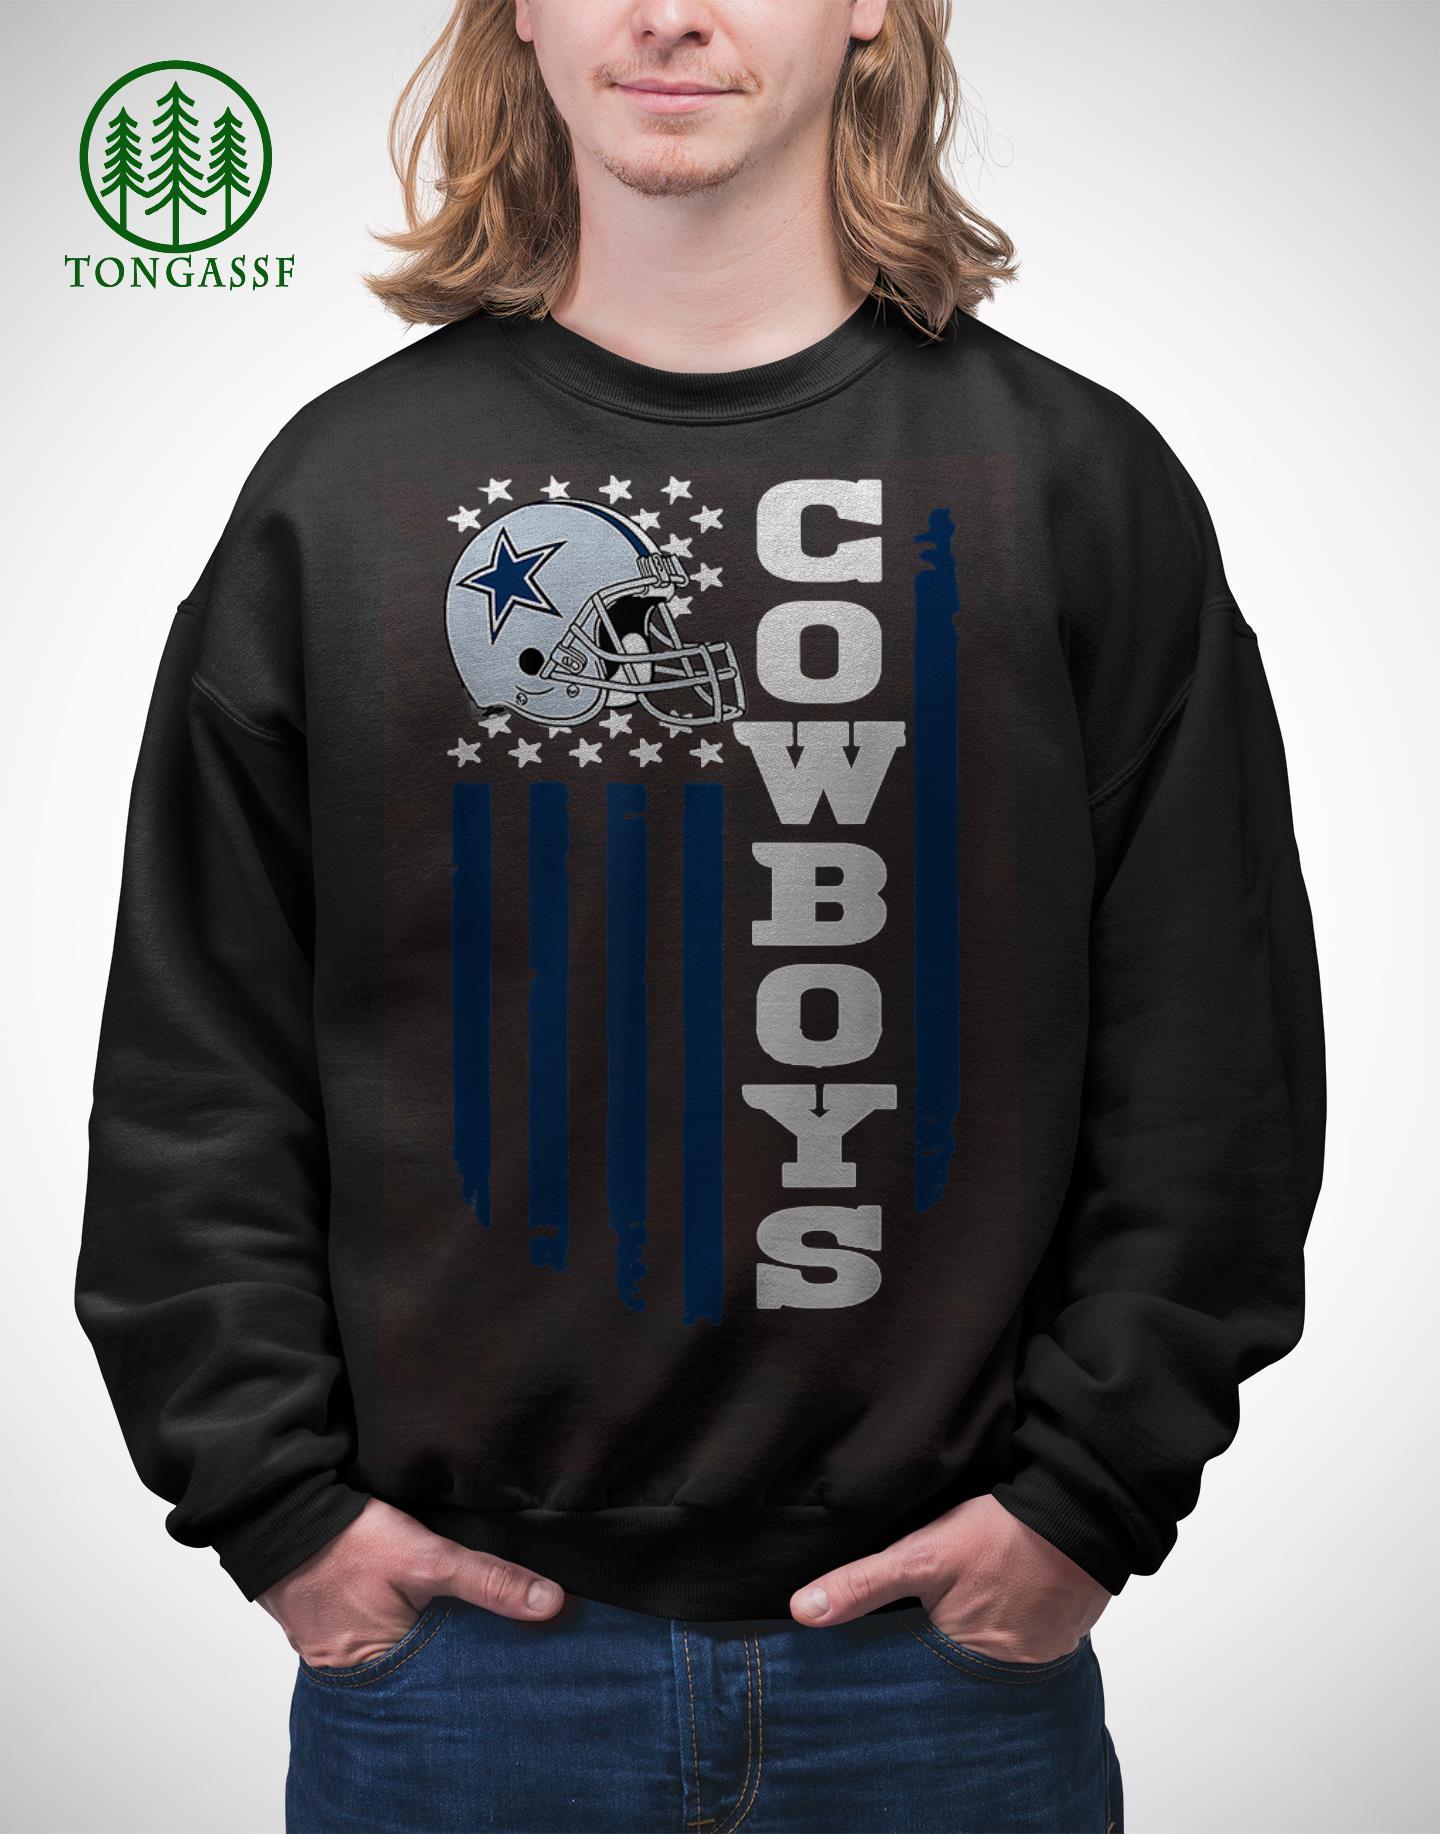 Dallas Cowboys Fan 4th of July America Flag sweatshirt